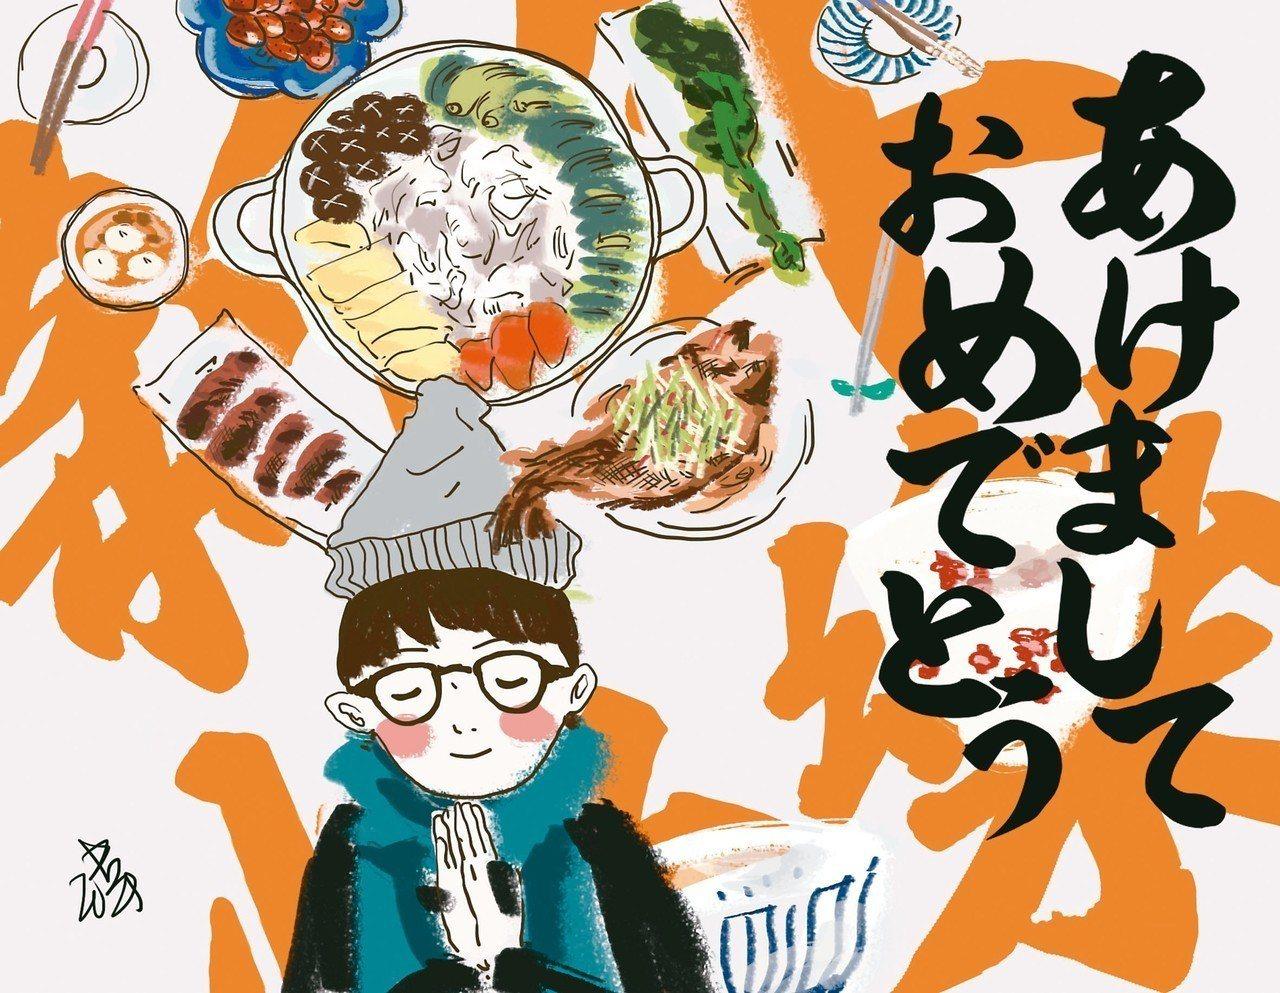 我的東京家人日本的過年是一月,台灣的過年是二月。當日本過年時,機票貴,機艙擠...